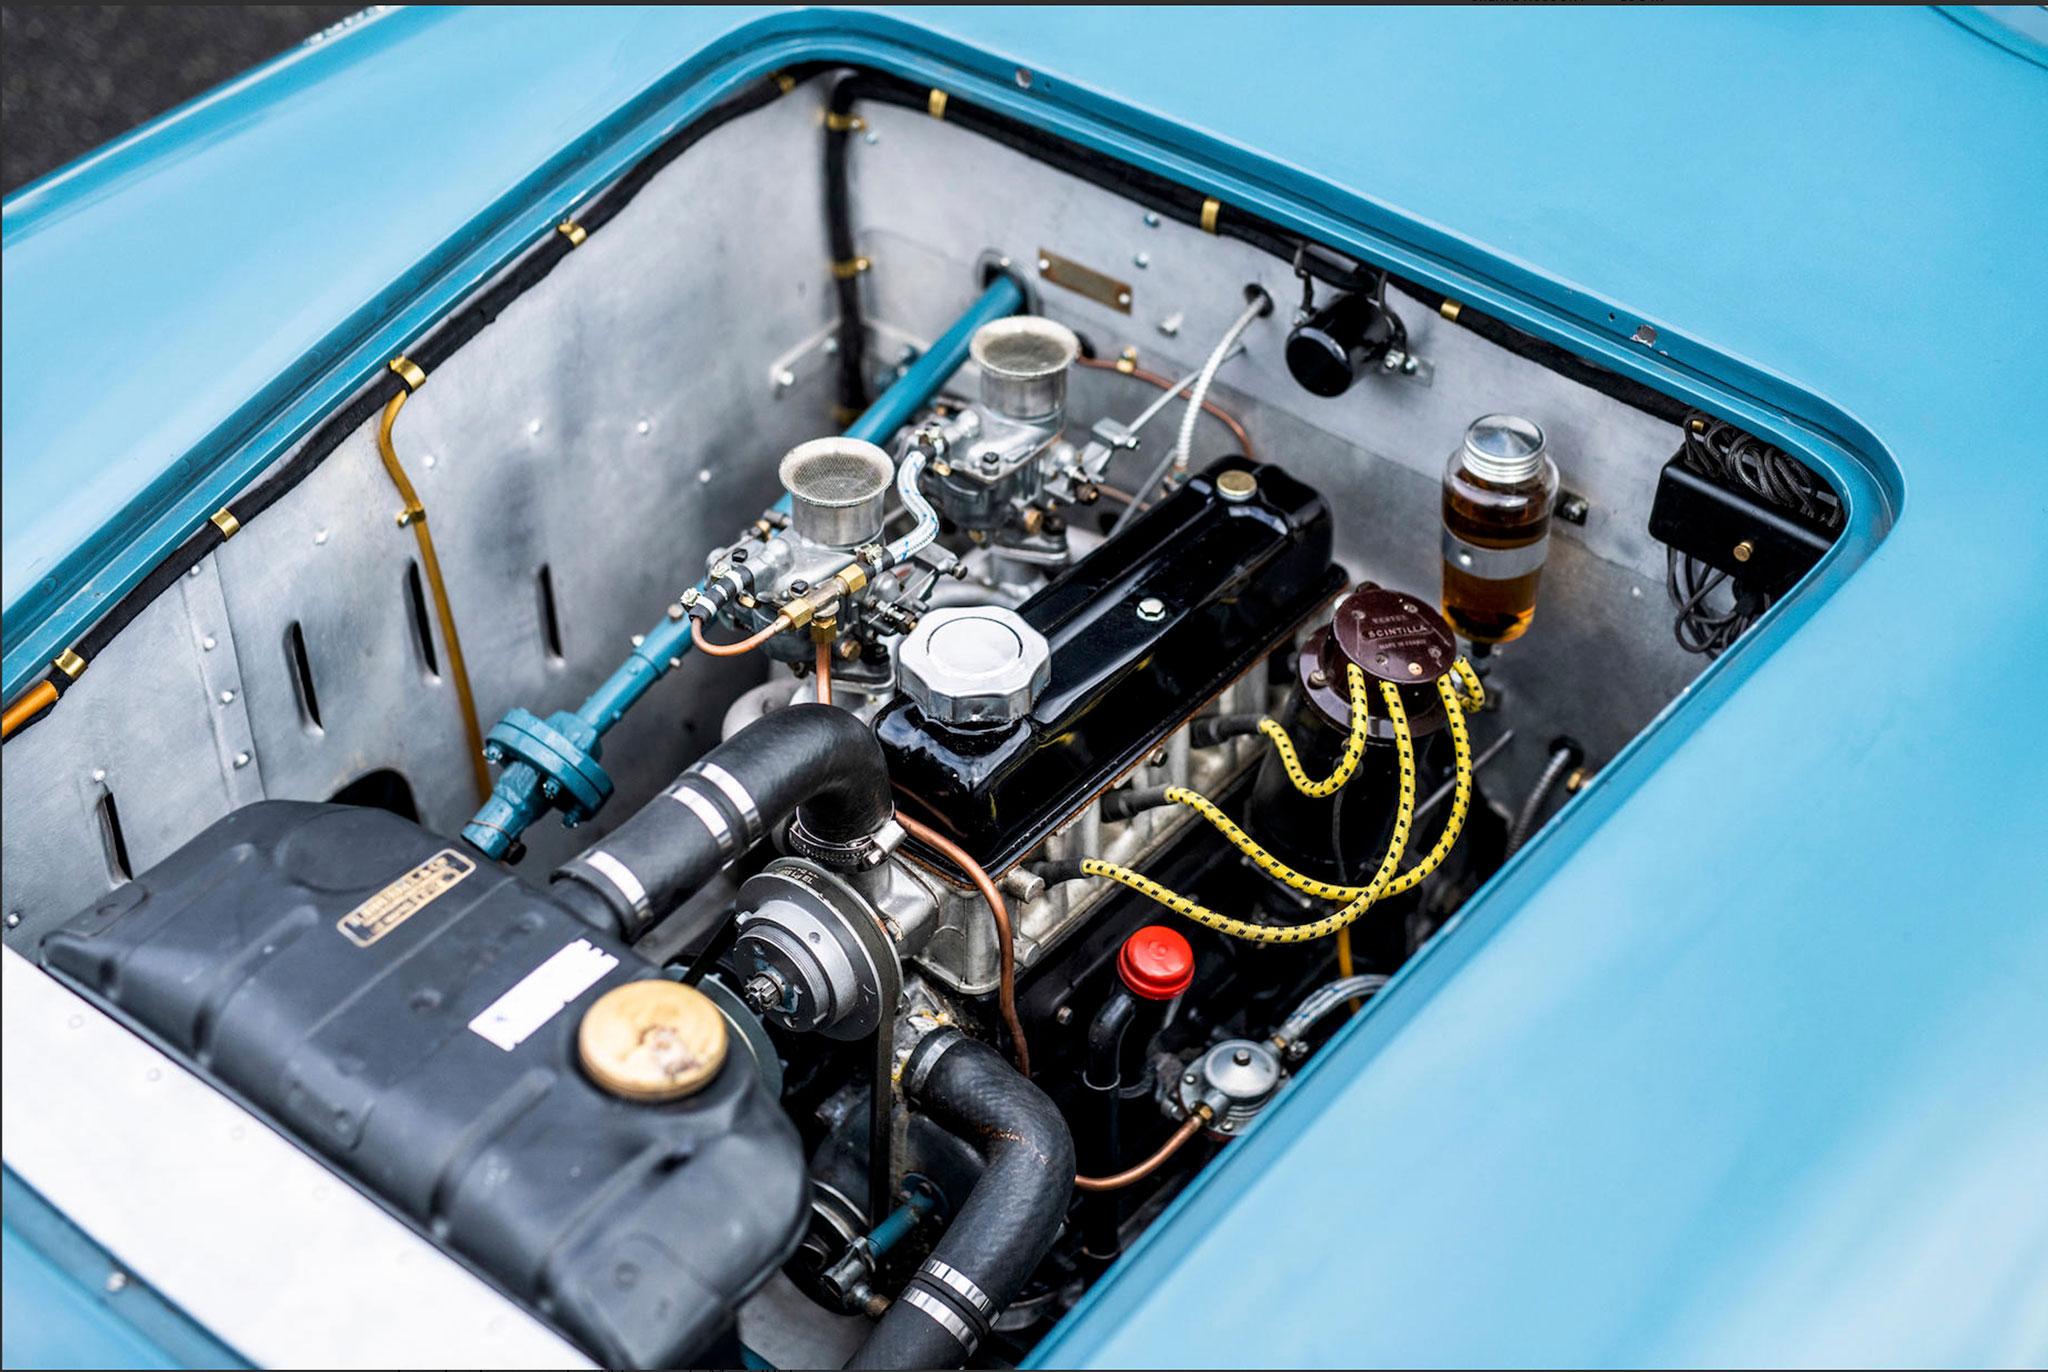 1950 Simca Estager Barquette moteur 4 cylindres de 1089cc.